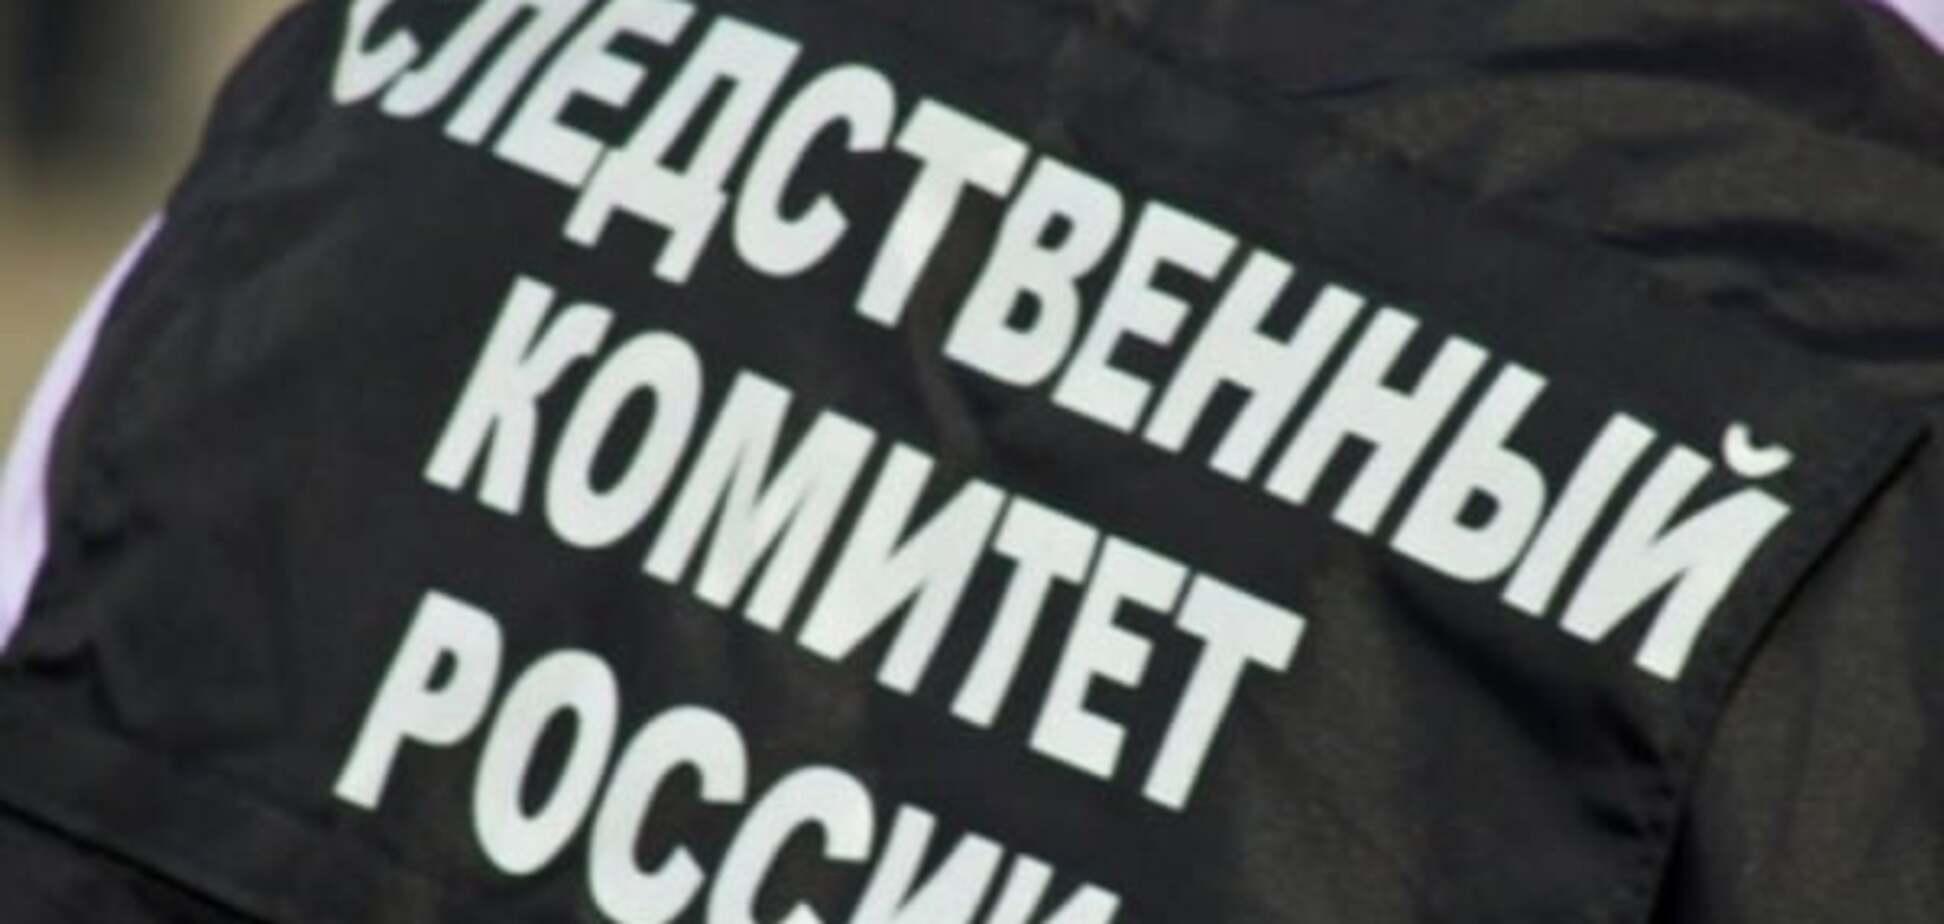 Убийство главаря 'Оплота': в России открыли уголовное дело